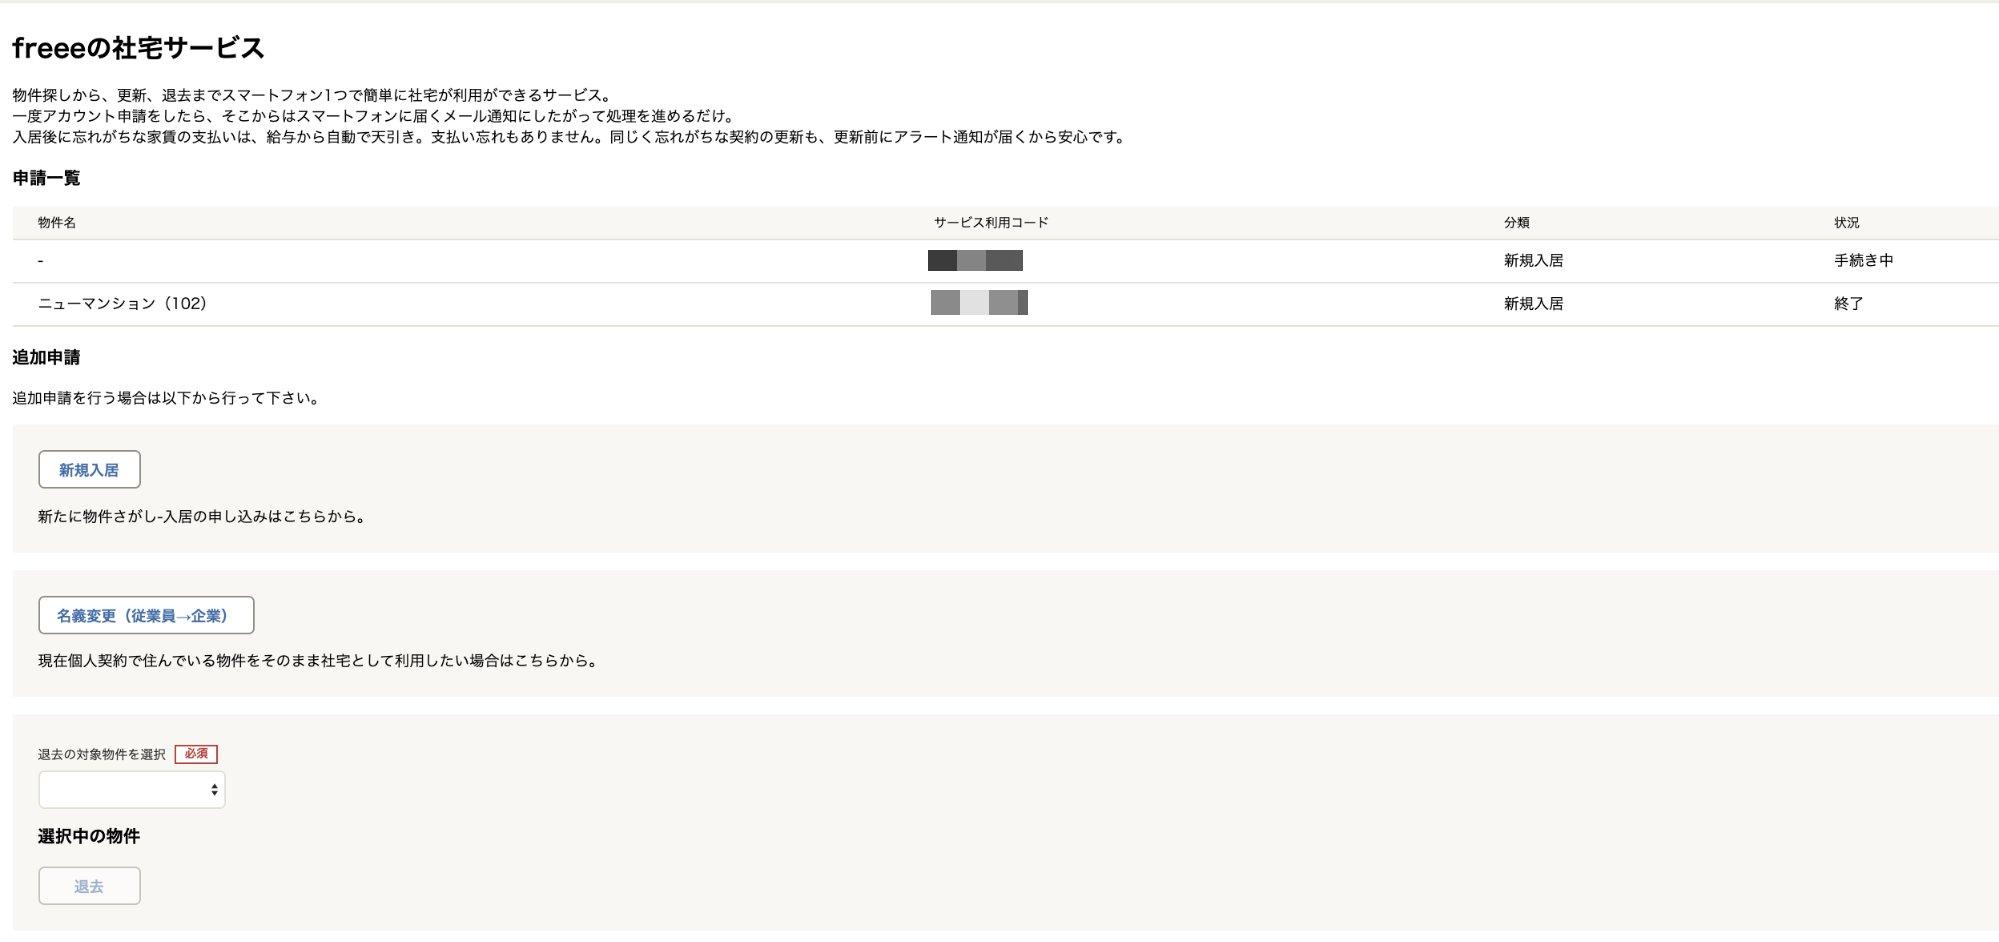 freeeの社宅サービス画面のスクリーンショット